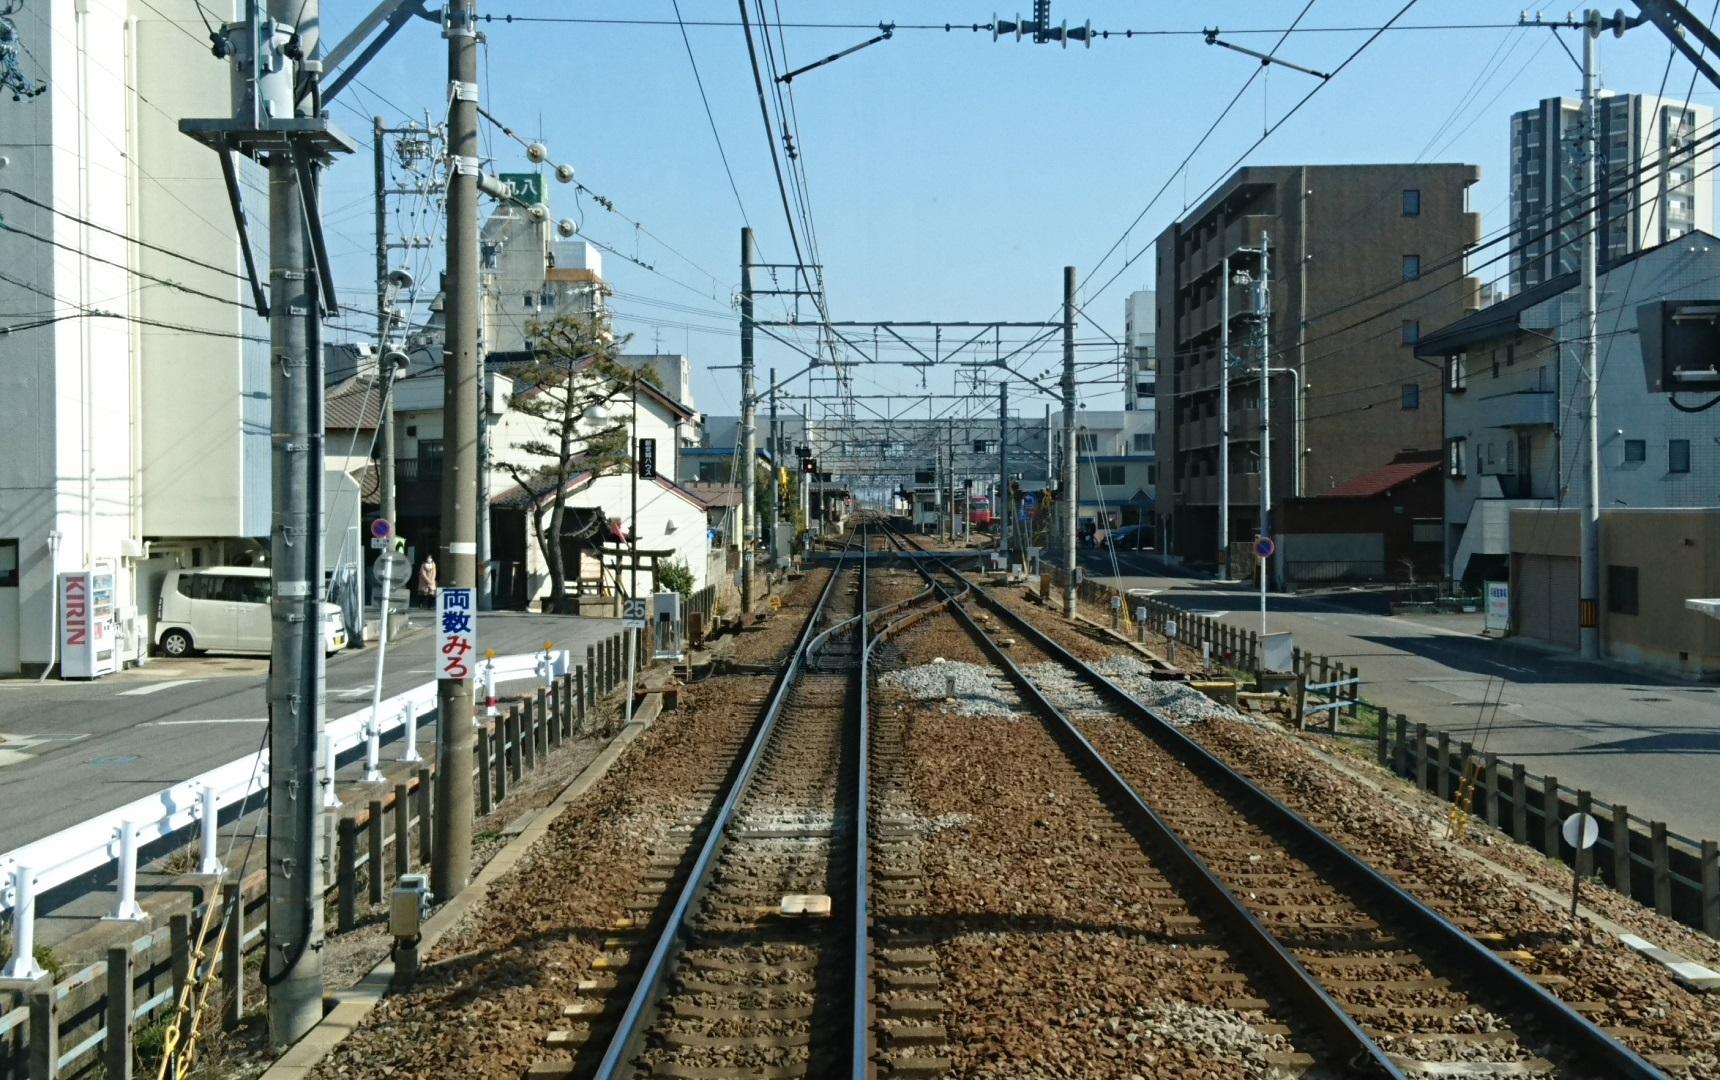 2018.2.26 富士松 (18) 東岡崎いきふつう - しんあんじょうてまえ 1720-1080